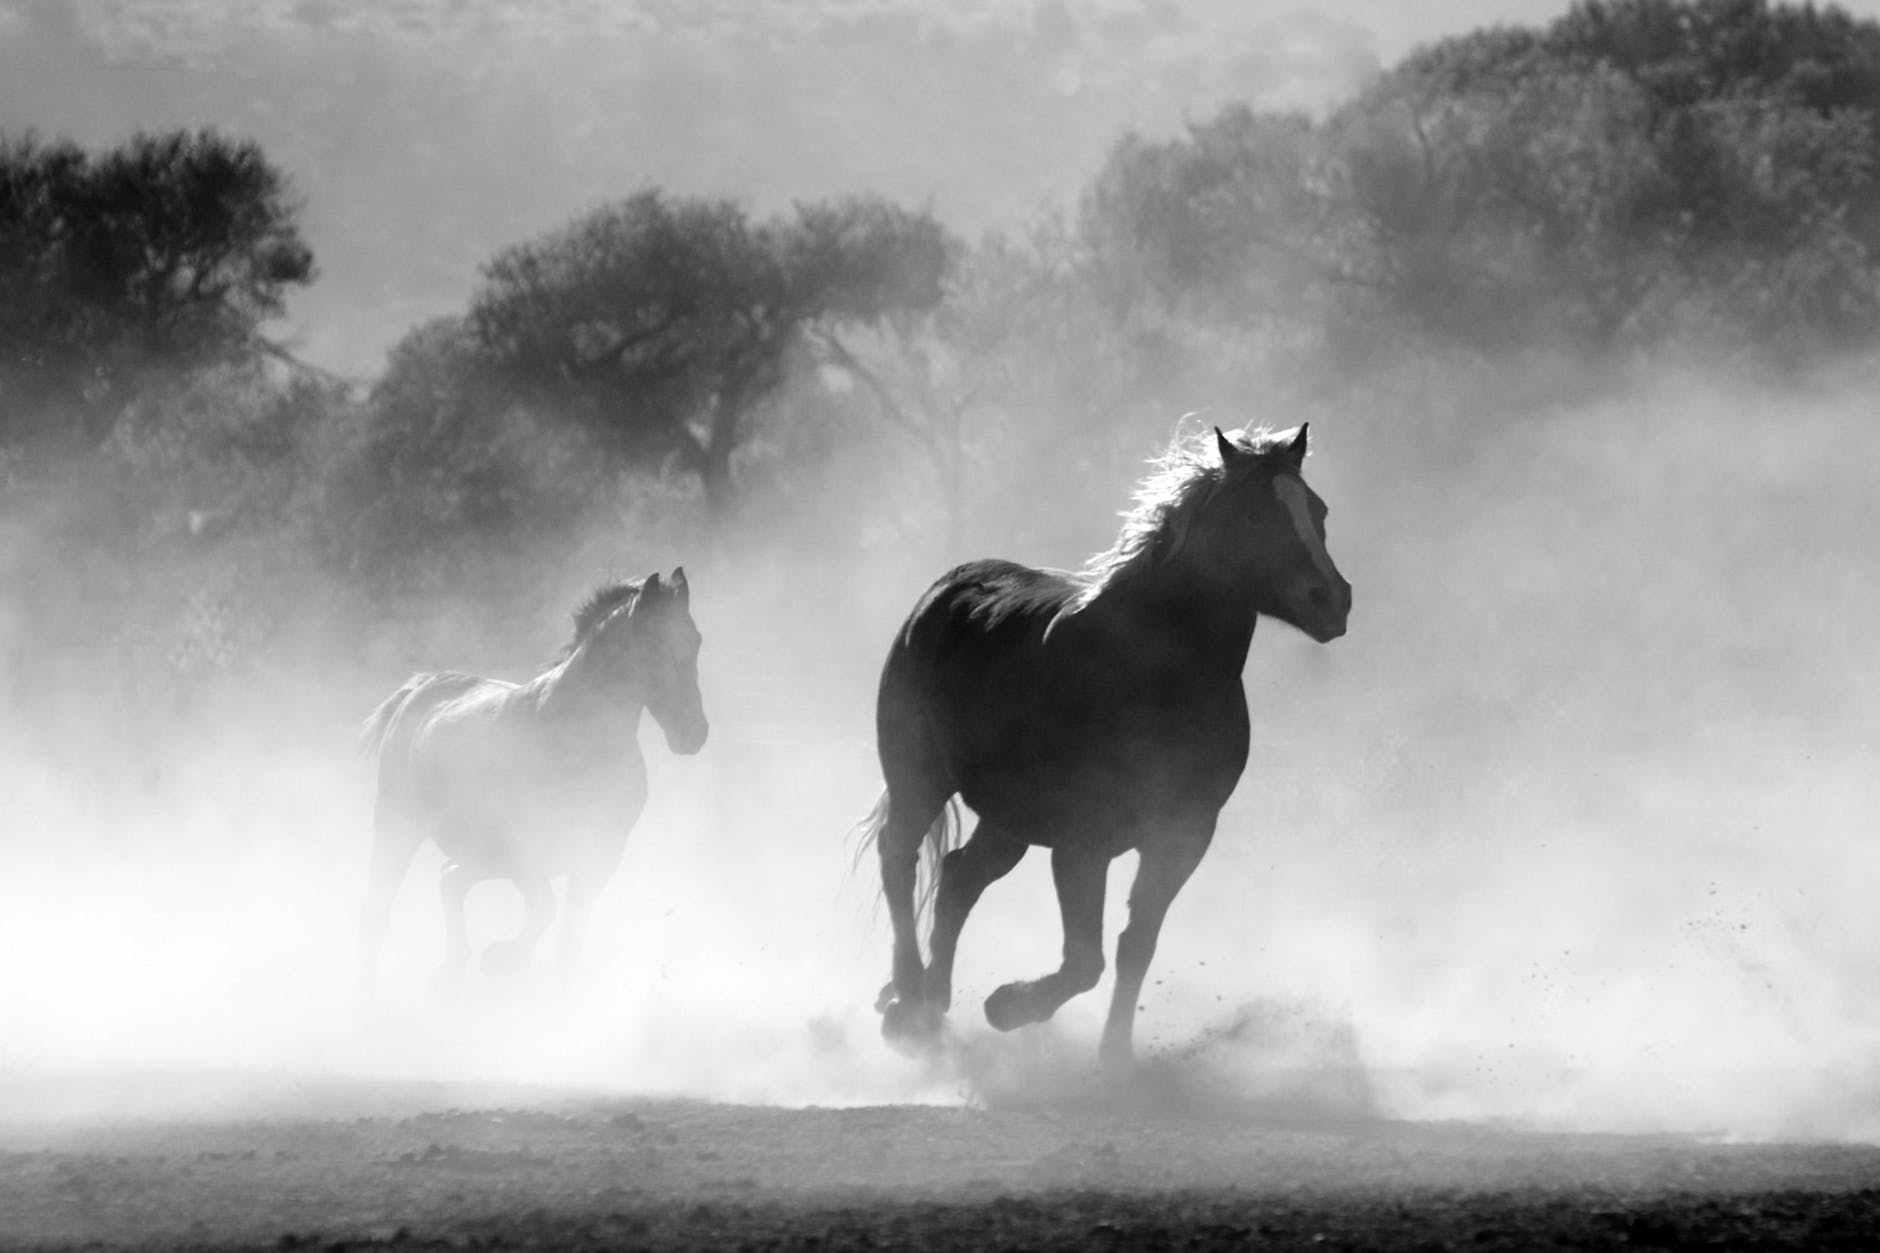 梦见一位老者拉的马给 梦到自己拉着行李箱